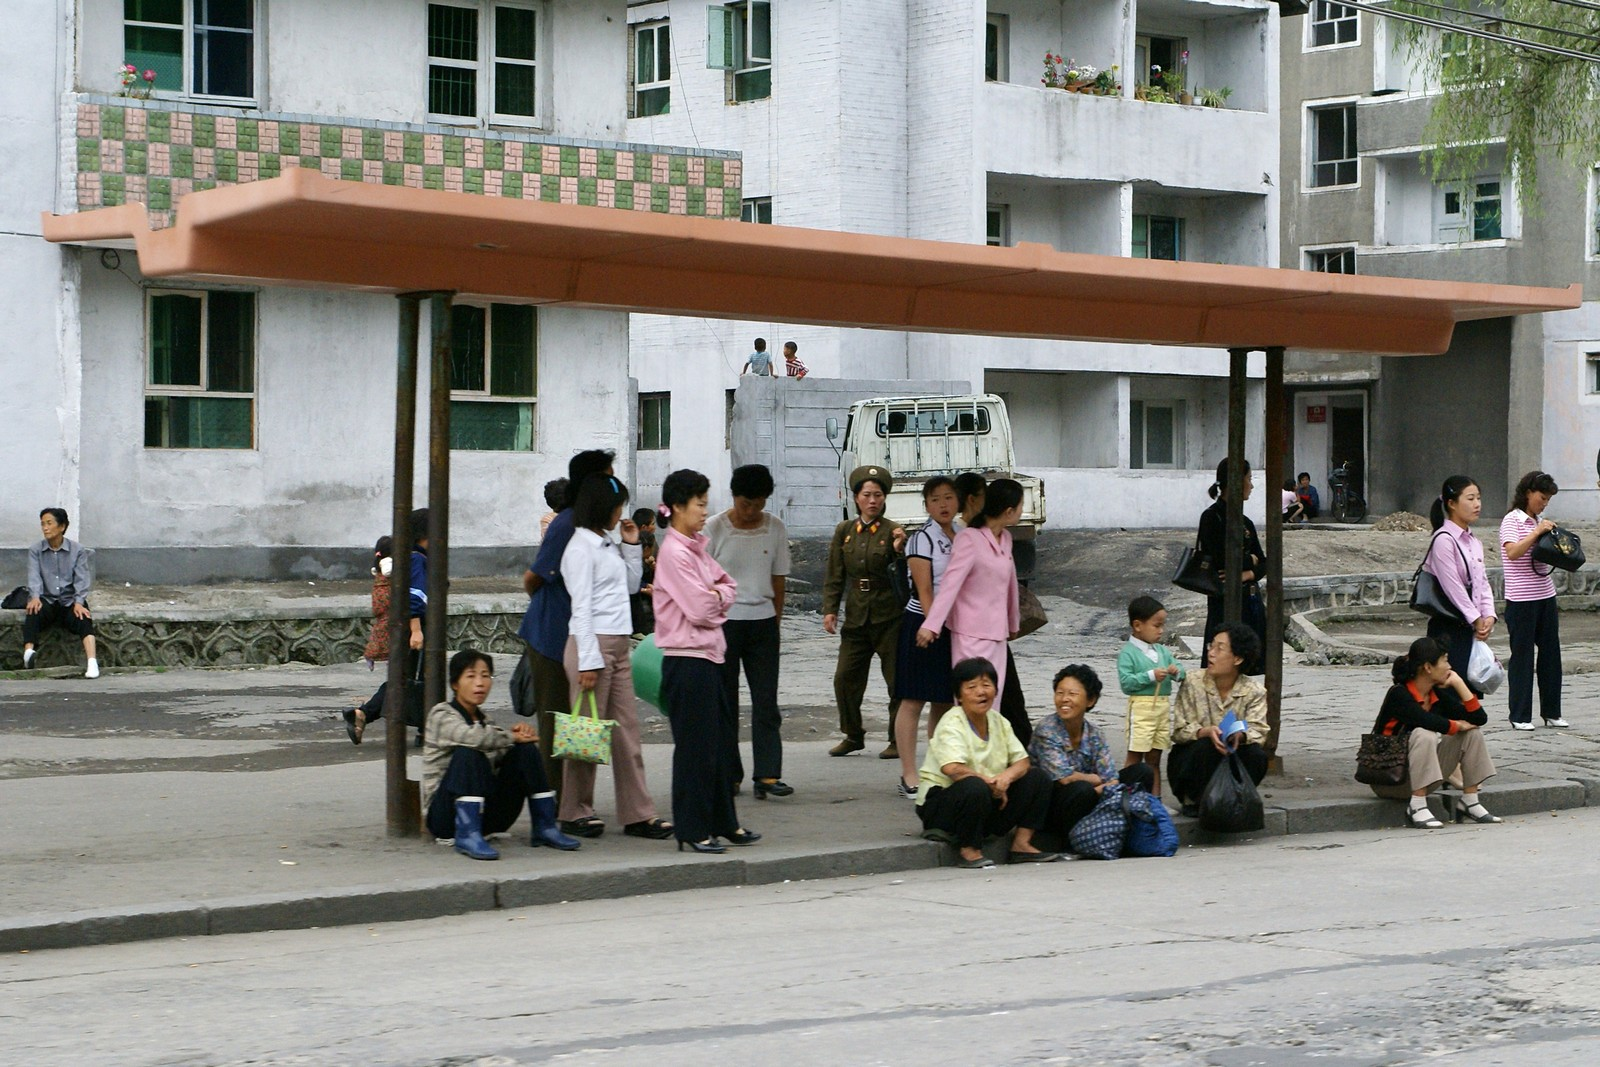 Bus stop, Wonsan